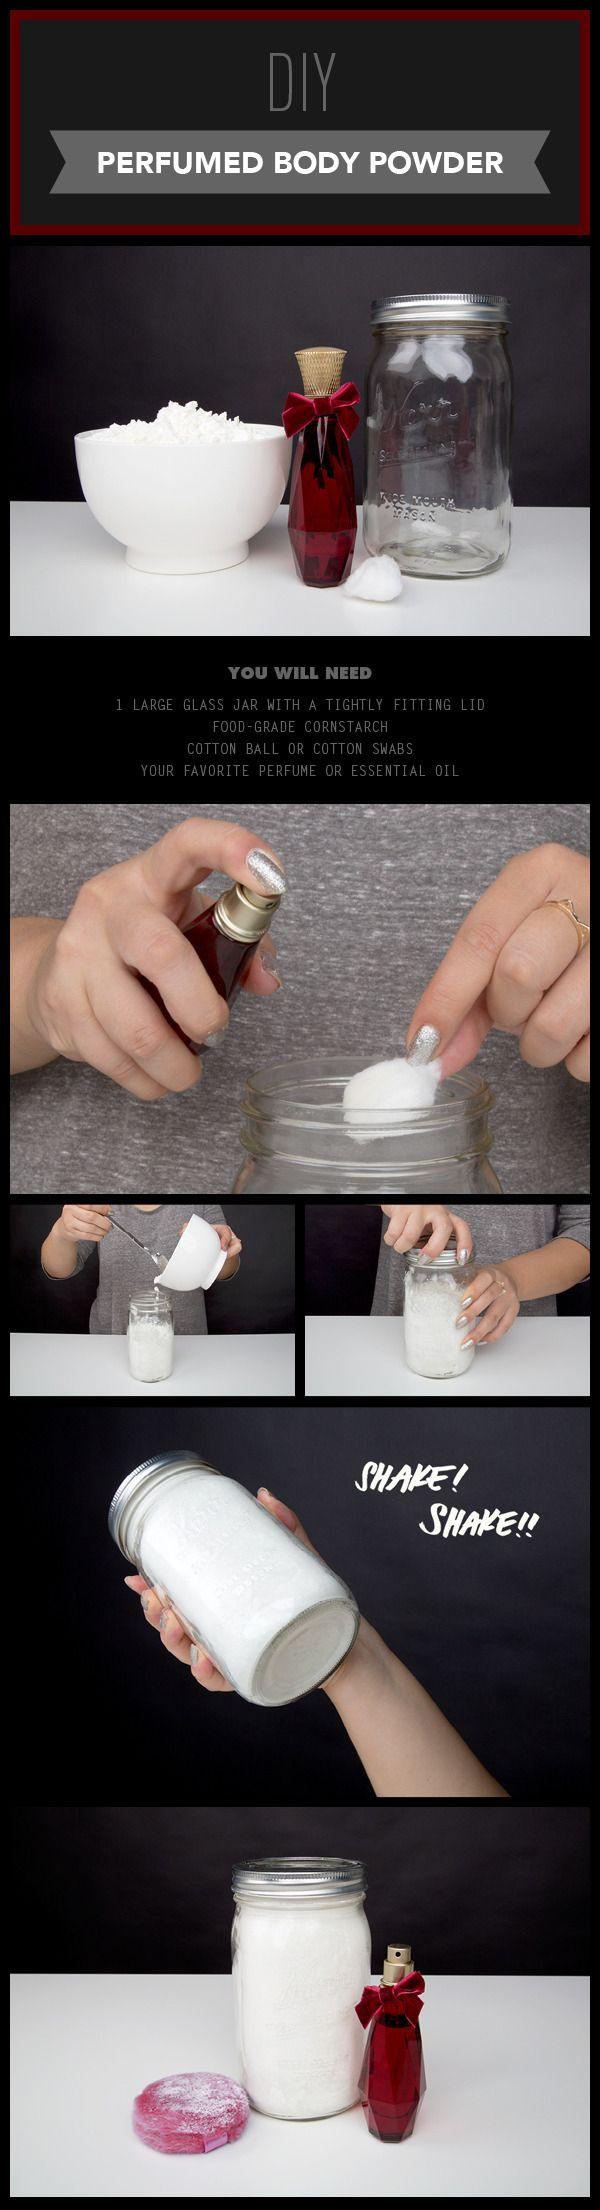 DIY Perfumed Body Powder